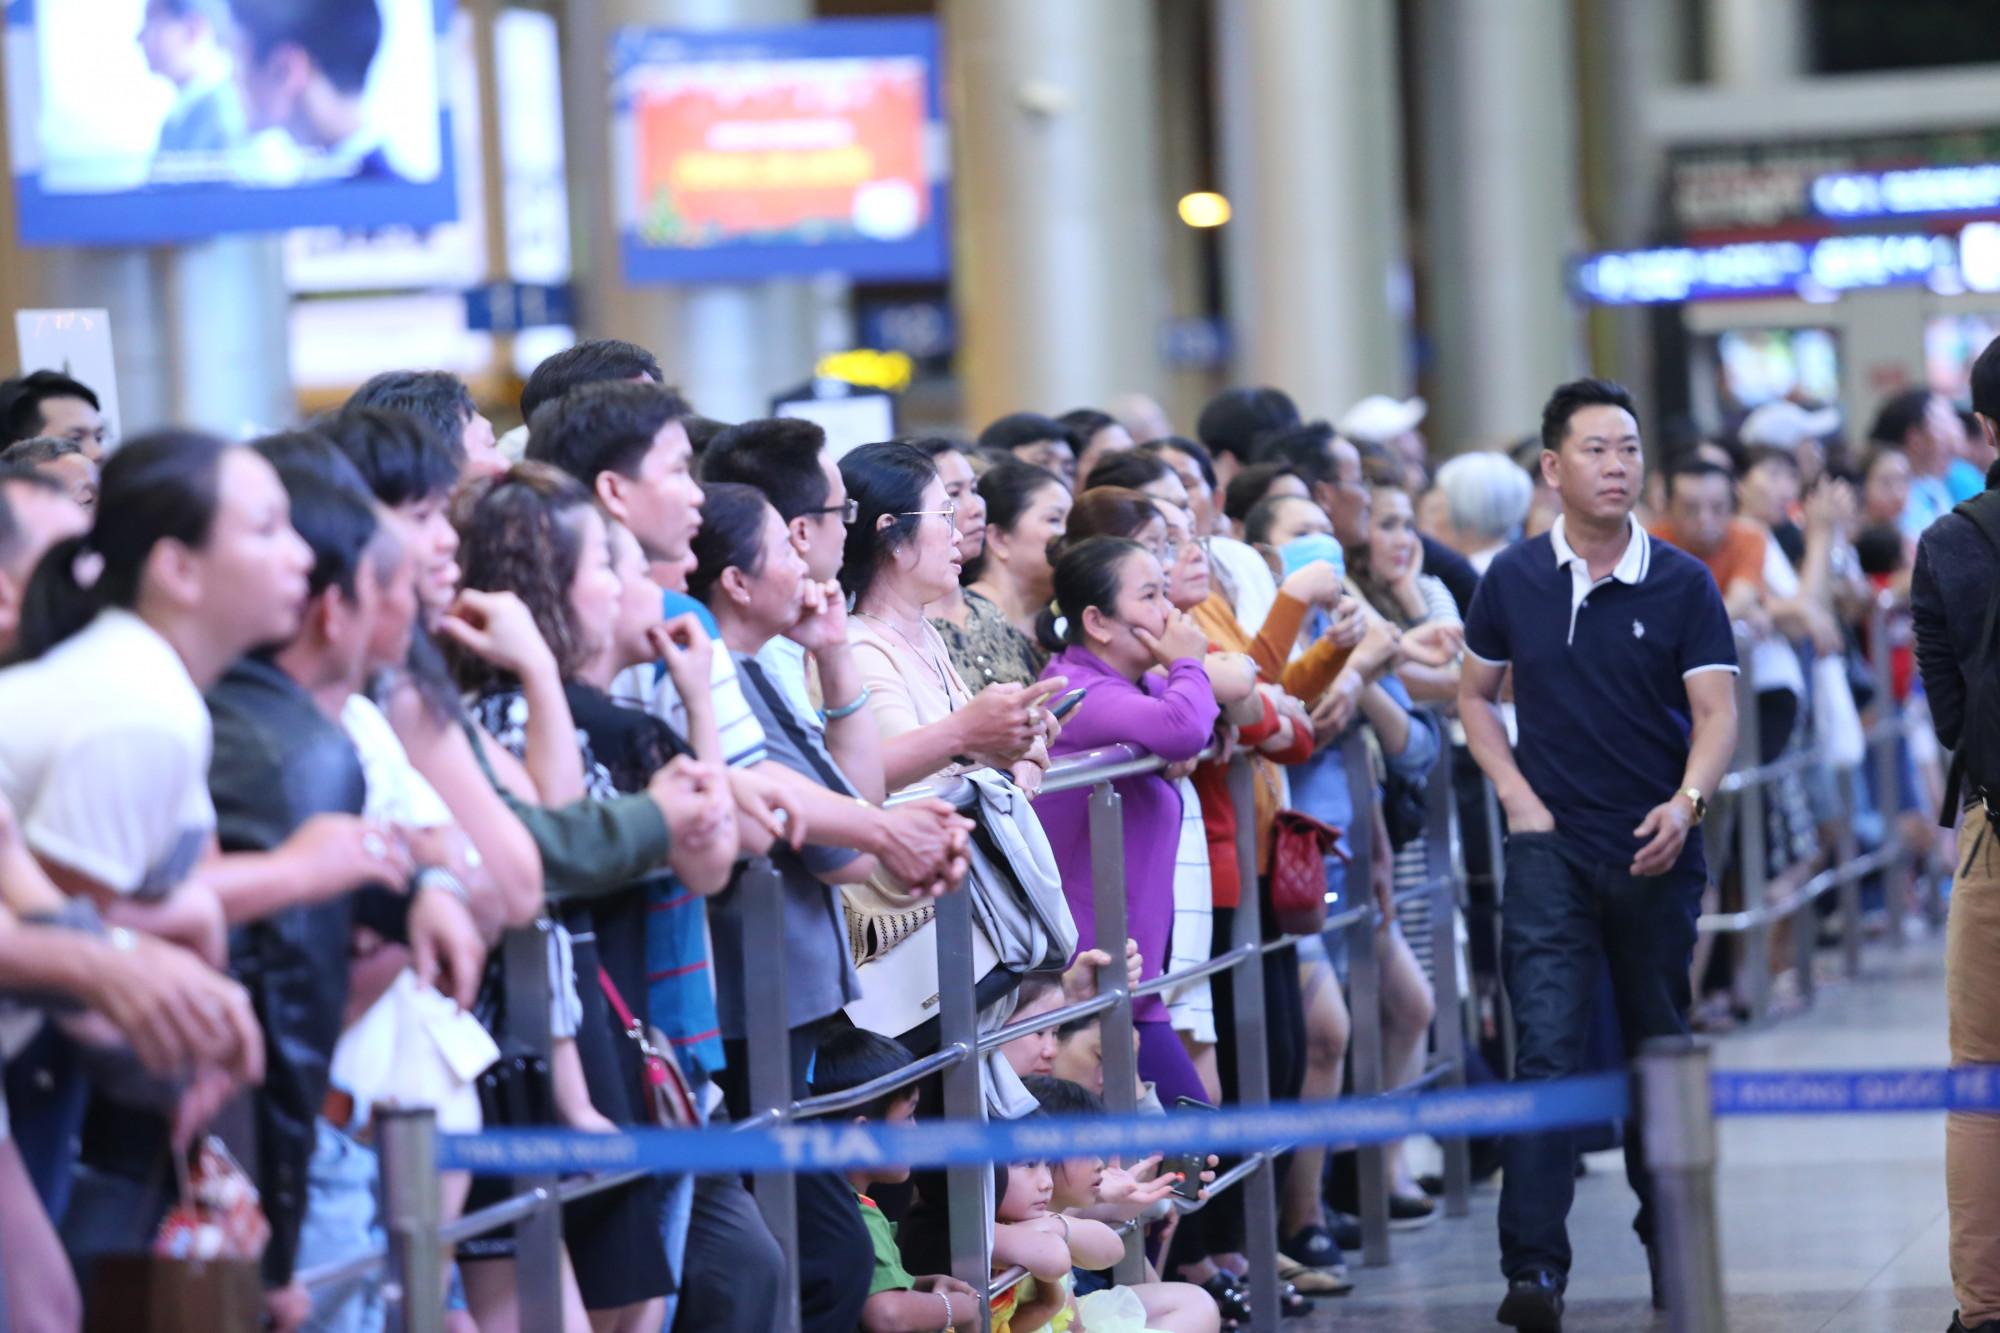 Khoảng thời gian 0-2h thường tập trung đông các chuyến bay quốc tế đến nhưng từ trước đó 2 đến 3 tiếng đã có hàng nghìn người đến chờ đón